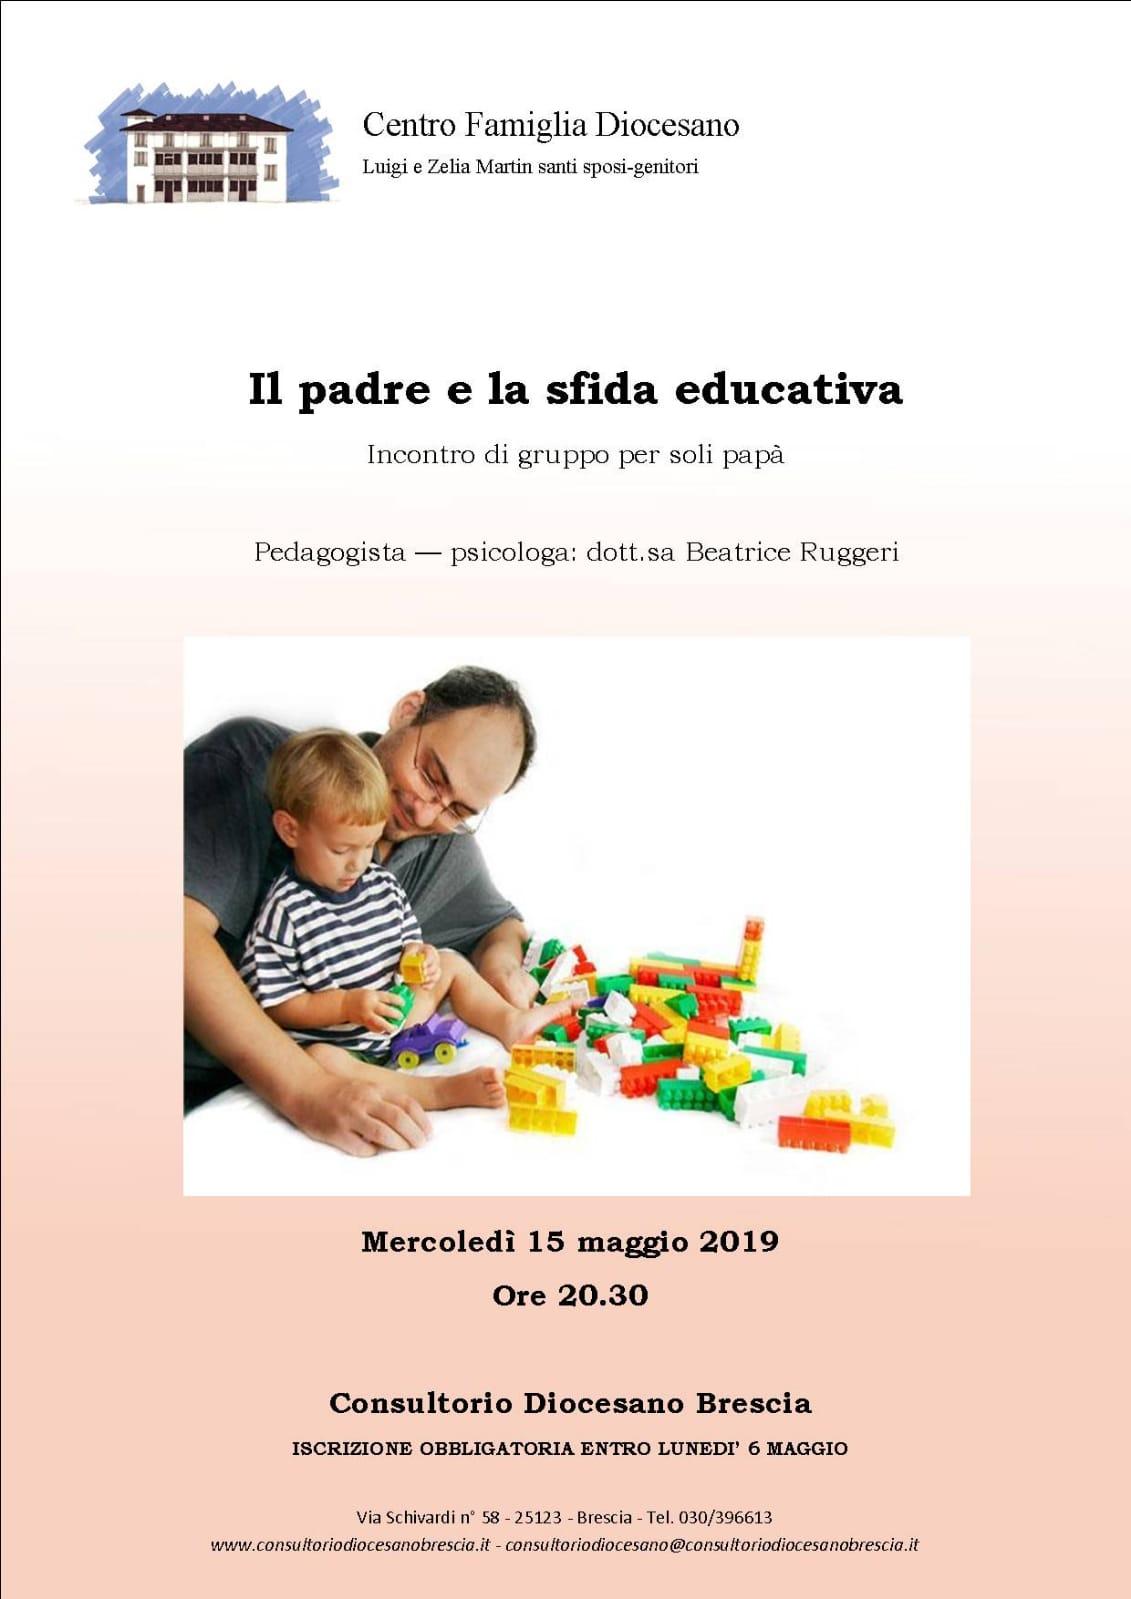 IL PADRE E LA SFIDA EDUCATIVA